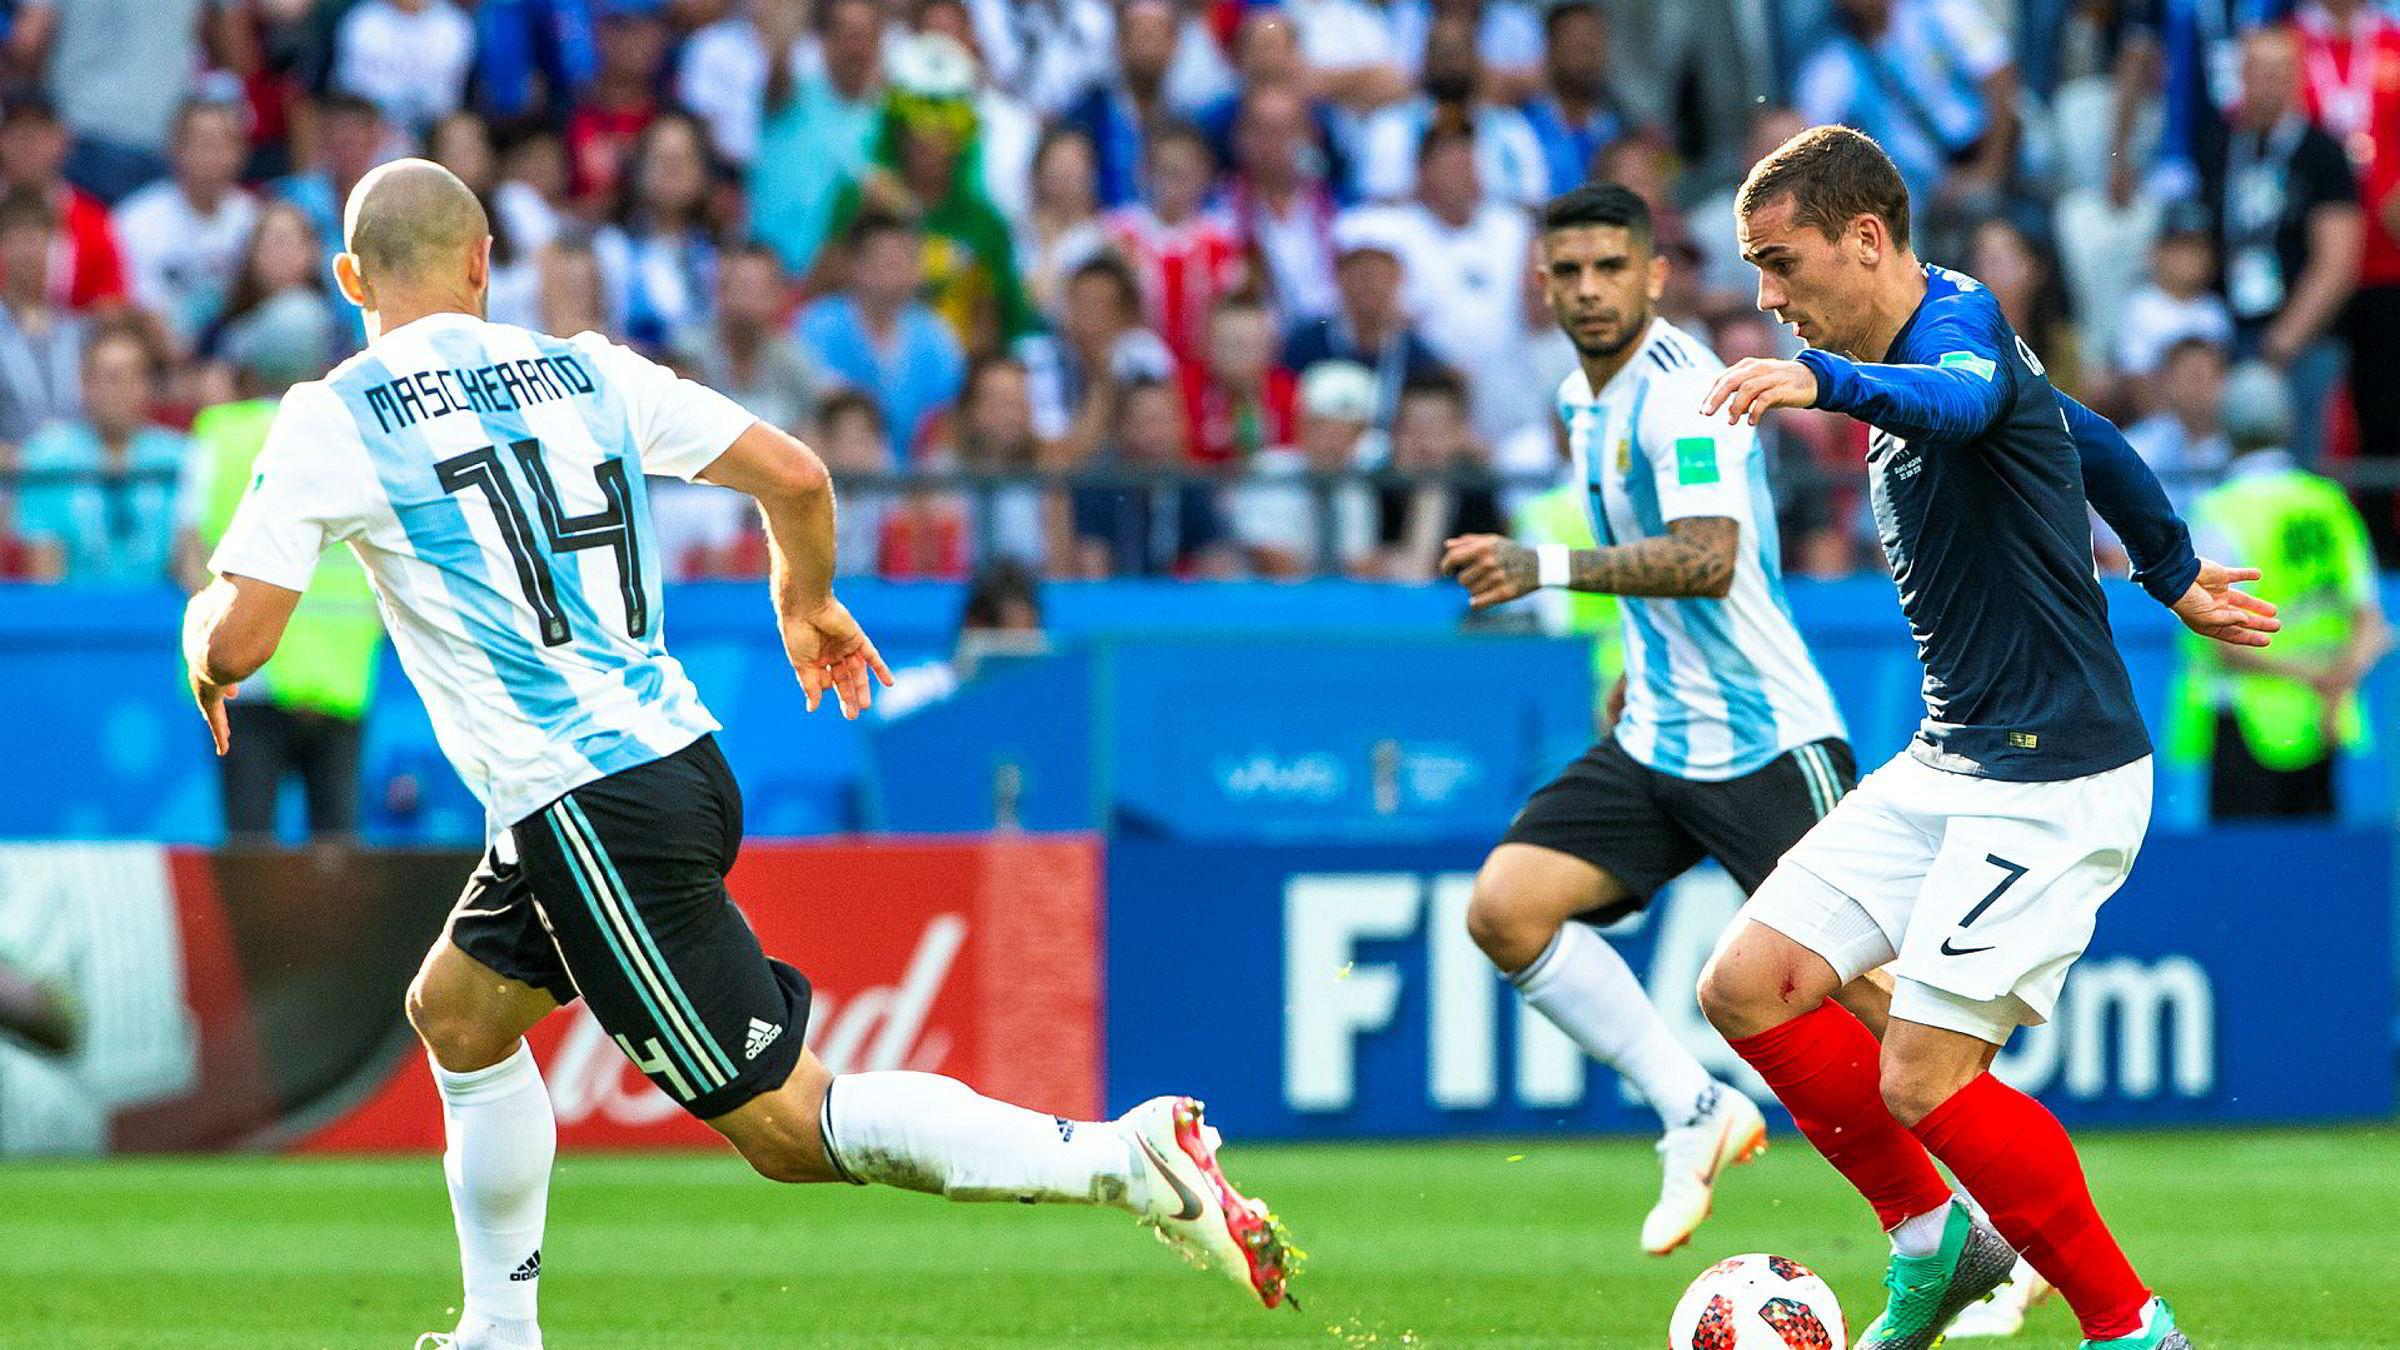 Viasat-kunder sto i fare for å miste tilgangen til TV 2-kanaler og attraksjoner som fotball VM, men nå er partene blitt enige om en ny avtale. Avbildet er Antoine Griezmann (t.h.) og Javier Mascherano i VM-kampen mellom Frankrike og Argentina på Kazan Arena, der førstnevnte vant og gikk videre til kvartfinale.